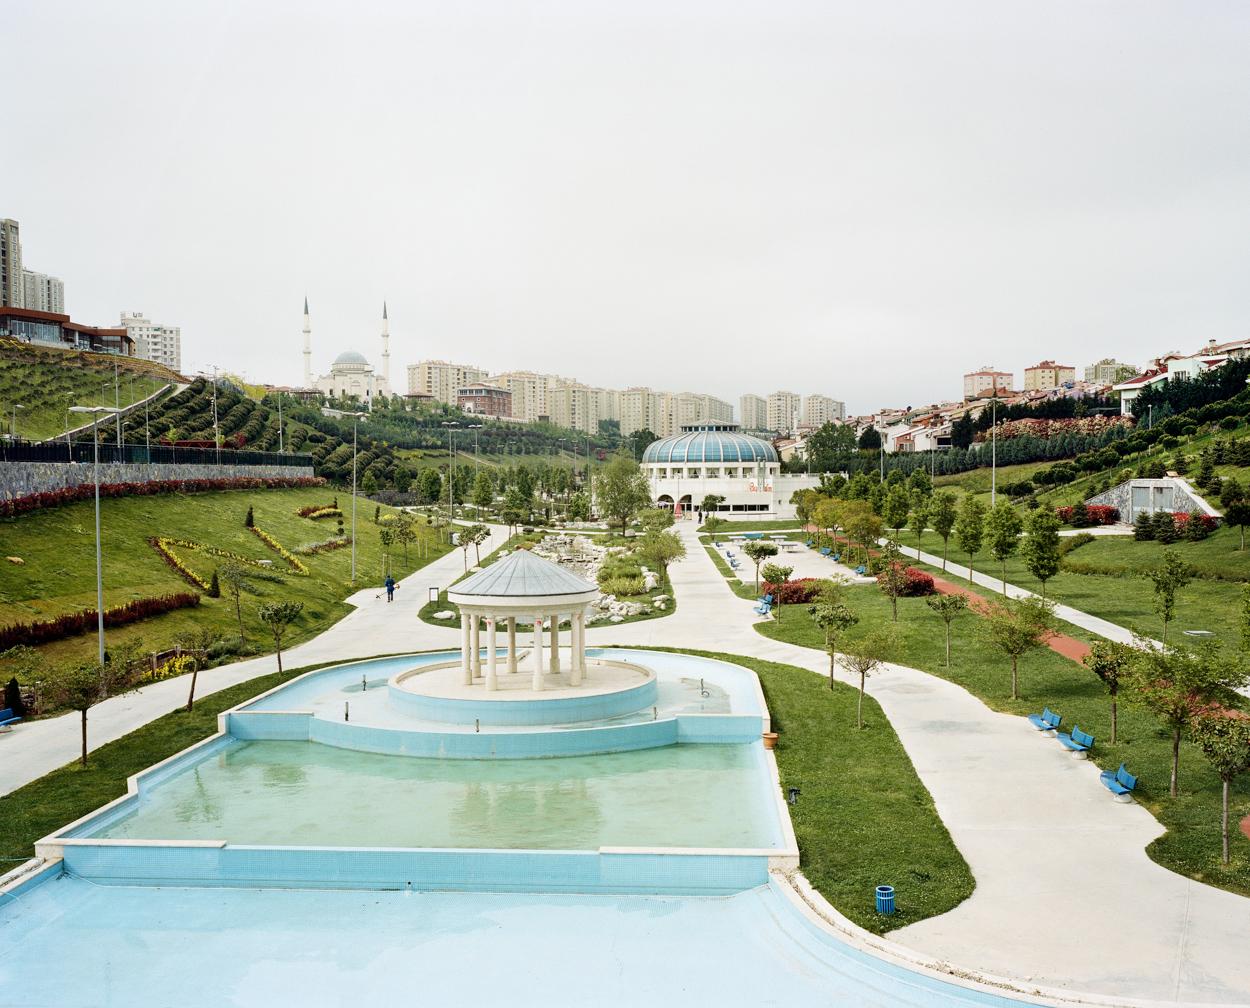 Quartier de Basaksehir dans la pŽriphŽrie ouest dÕIstanbul. Turquie